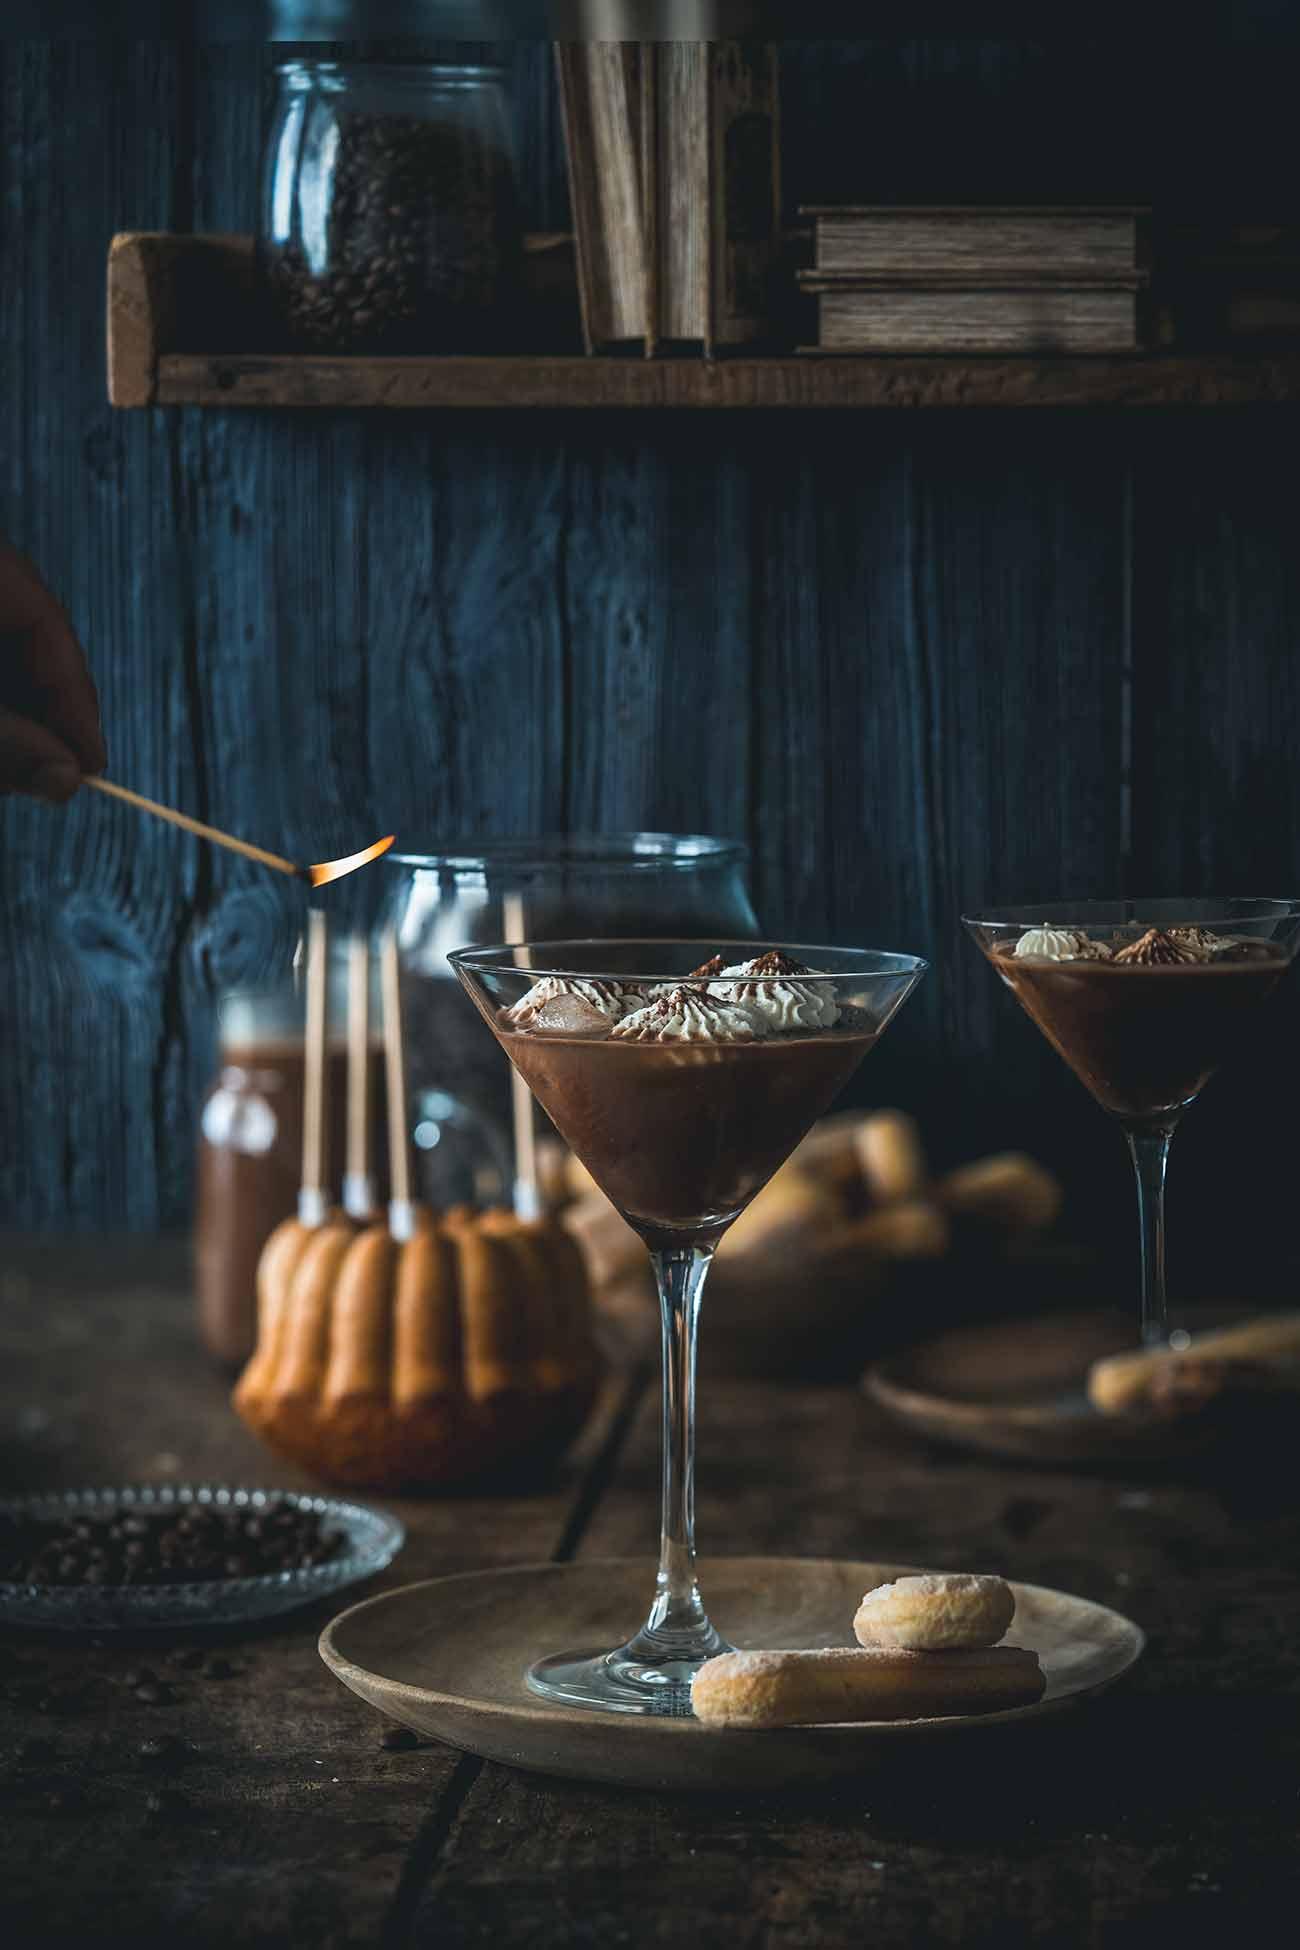 """Wusstest ihr, dass heute der internationale Tag des Kaffees ist? Nein? Egal! Lasst uns einfach anstoßen: auf den Tag des Kaffees, auf das Leben, die Gesundheit, den Frieden und die Liebe. Mit einem Tiramisu-Cocktail. Klar, das ich den Cocktail mit den leckeren Bohnen der Jacobs Barista Editions Crema Intense meines Partners Jacobs kreiert habe, schließlich feiere ich den Kaffee (nicht nur) heute.   Ich hab uns einen Tiramisu-Cocktail kreiert, denn ich wollte einen Cocktail, der nicht nur am Abend schmeckt, sondern auch zu einem Stück Kuchen perfekt passt. Nicht zu stark, etwas süß und so lecker wie das wohl beliebteste Dessert der Welt – das Tiramisu.  Das Wort Tiramisu übrigens (Klugscheißermodus an) kommt aus dem italienischen """"Tirami su"""" , was so viel bedeutet """"zieh mich hoch – mach mich munter"""" . (Klugscheißermodus aus). Und ich bin mir sicher, dass euch dieser Cocktail ganz schön munter machen wird."""